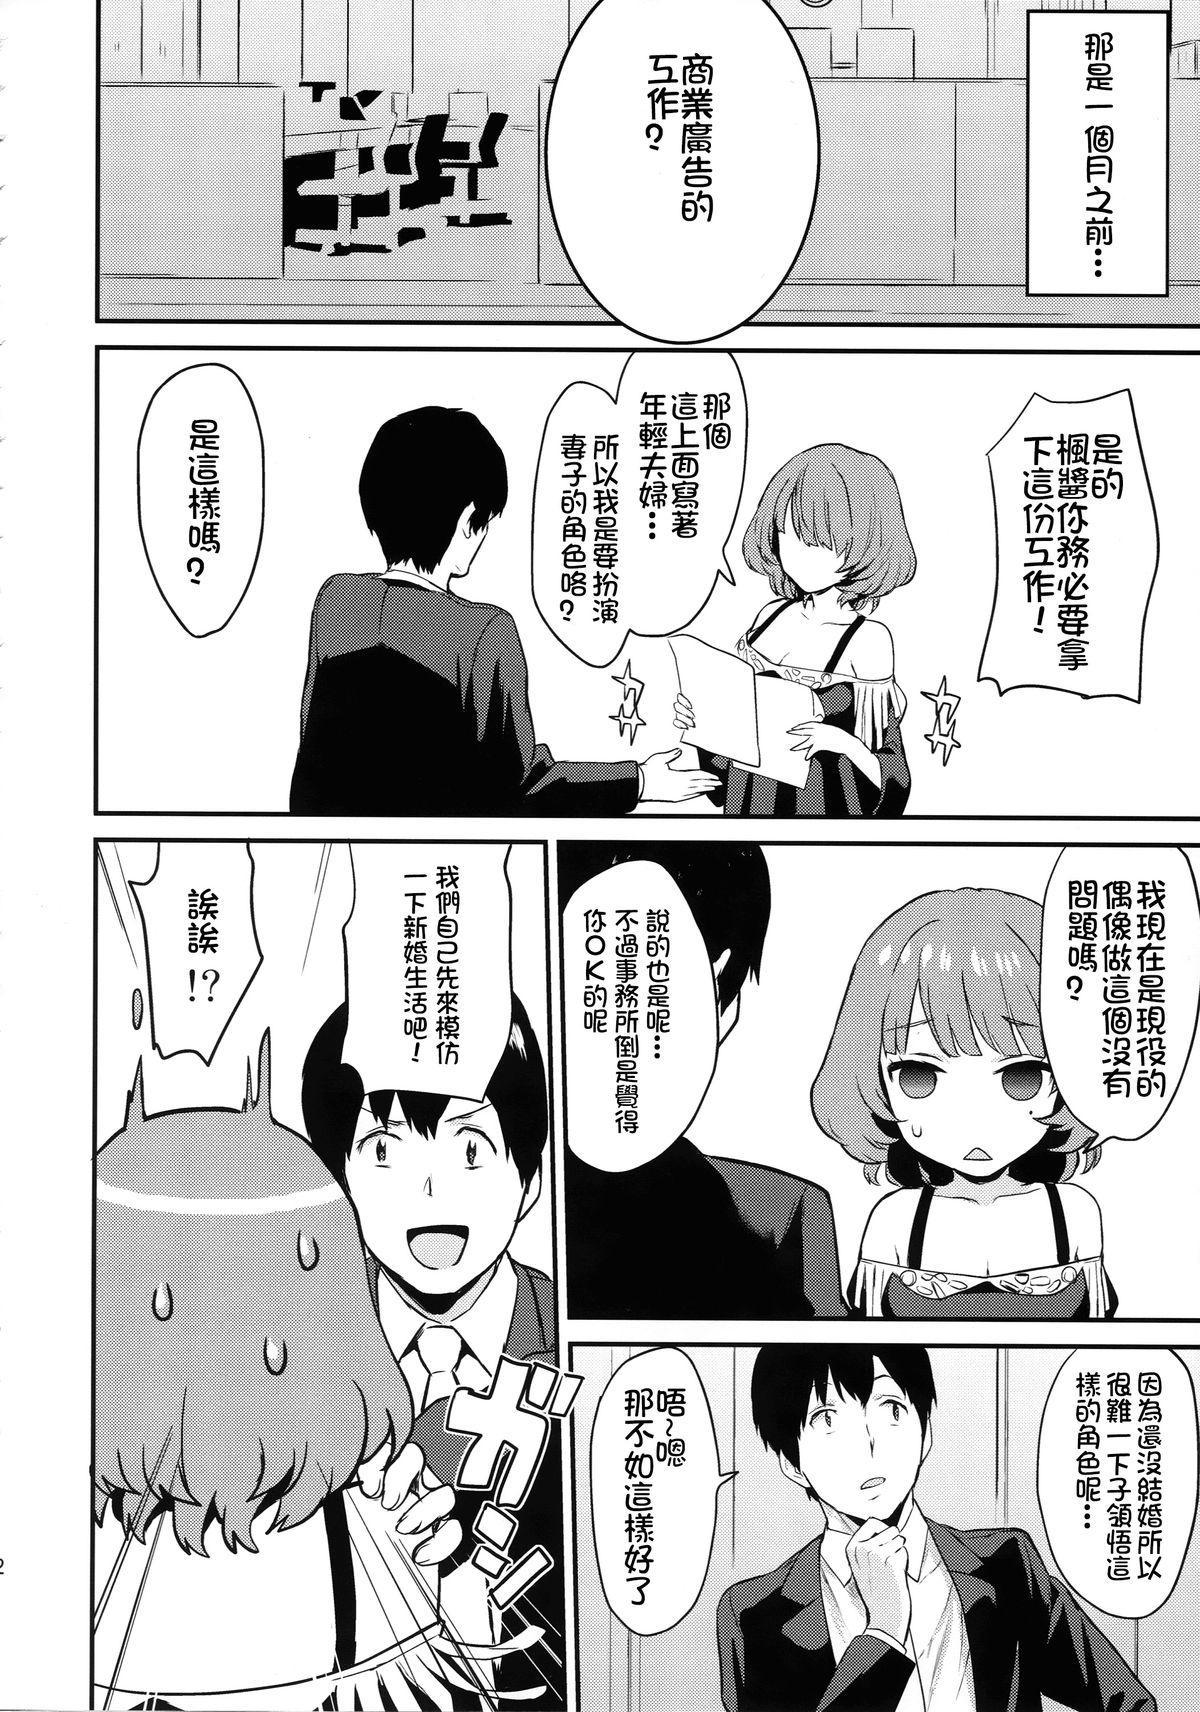 Kaede-san to Shinkon Seikatsu 12